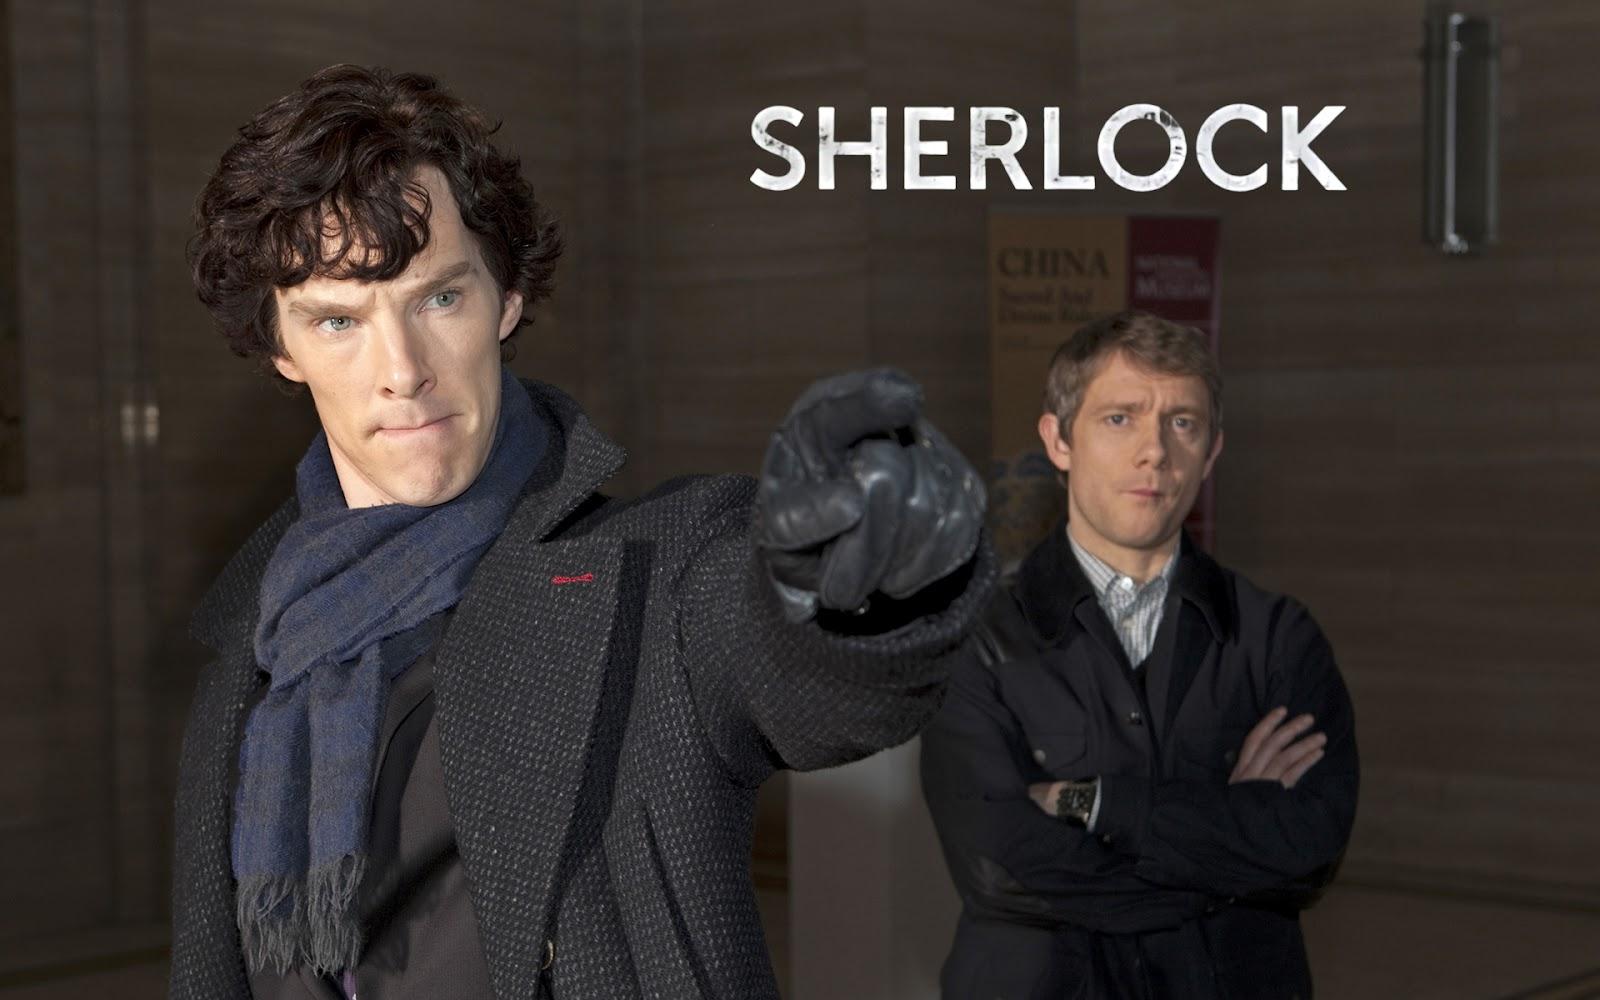 http://4.bp.blogspot.com/-2CzzvOPzZCM/UB32K4-FYGI/AAAAAAAADGM/p1e72q8cybA/s1600/BBC-ONE-Sherlock-wallpapers-1.jpg